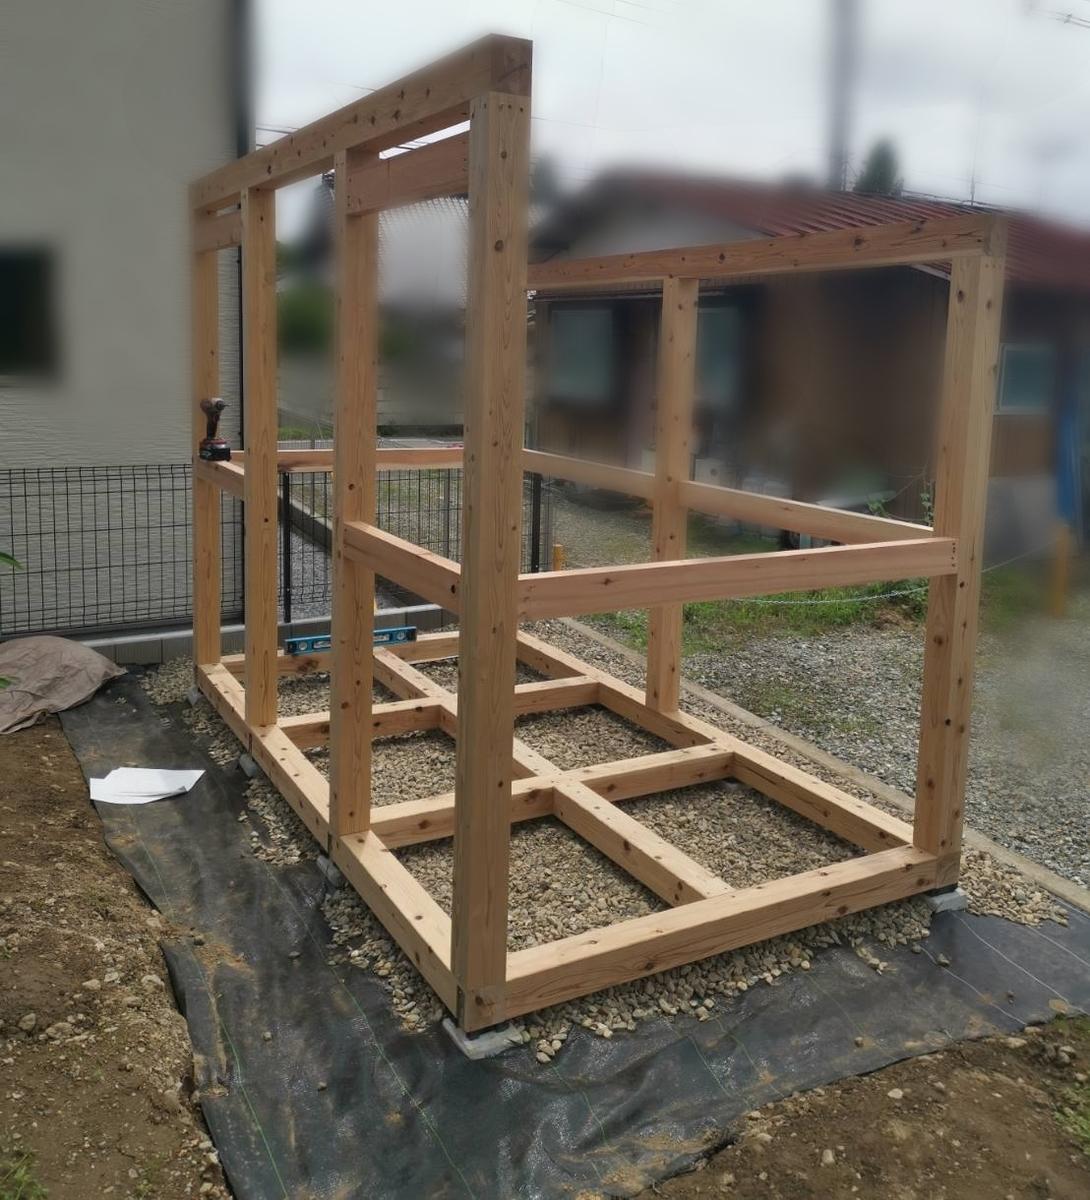 物置小屋の骨組み